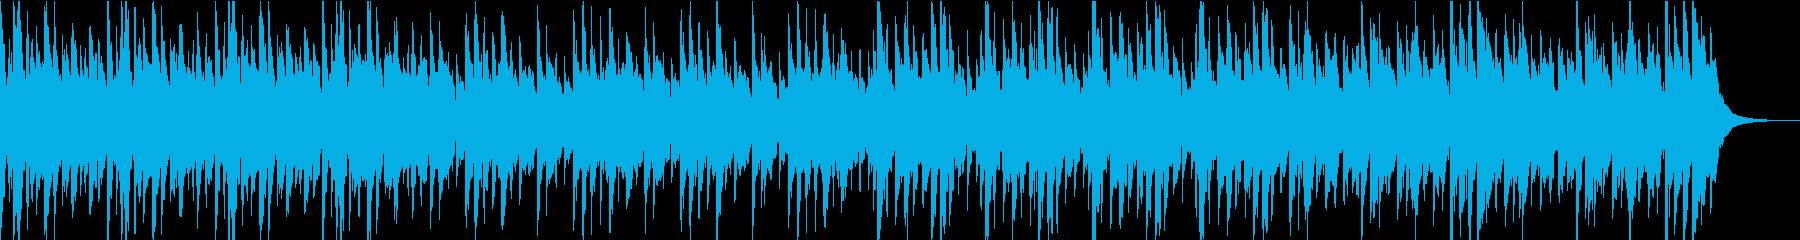 幻想的なハープのケルトミュージックの再生済みの波形